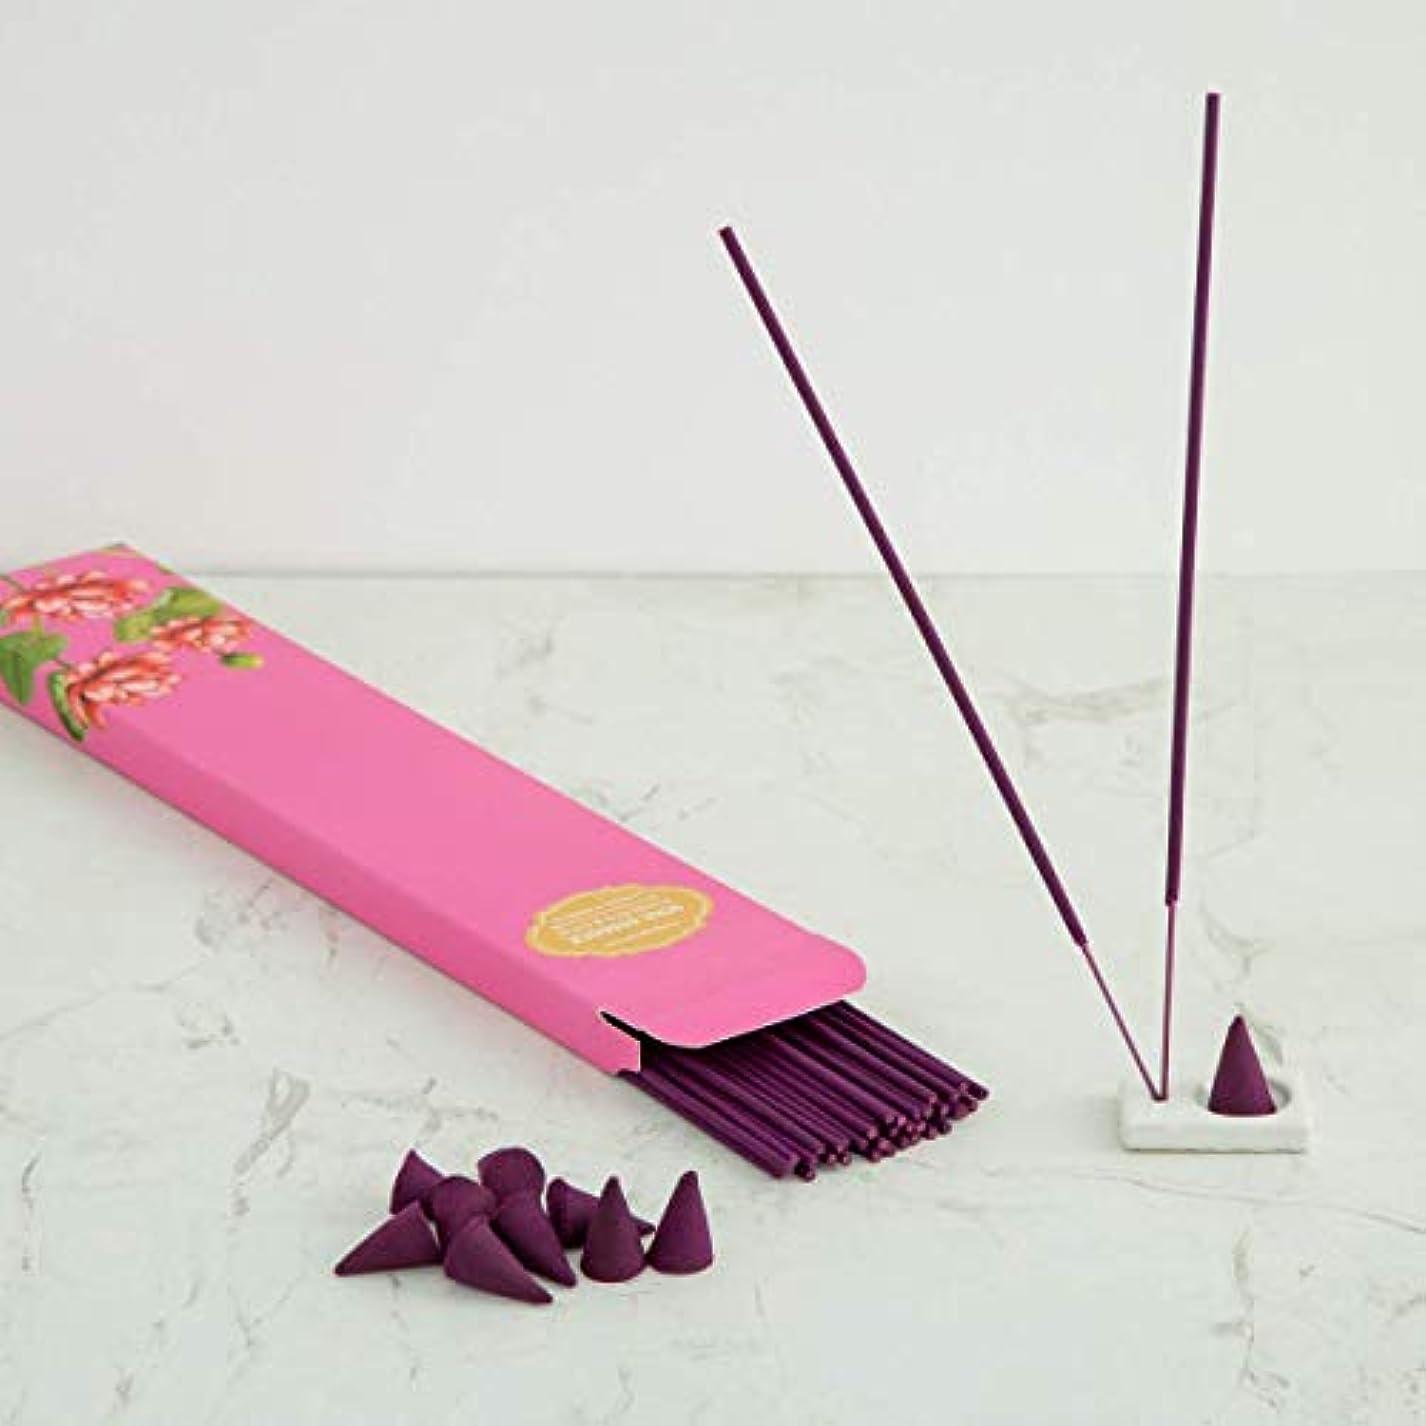 パキスタン出くわすビーズHome Centre Redolance Chirping Woods Incense Sticks and Cones - Purple